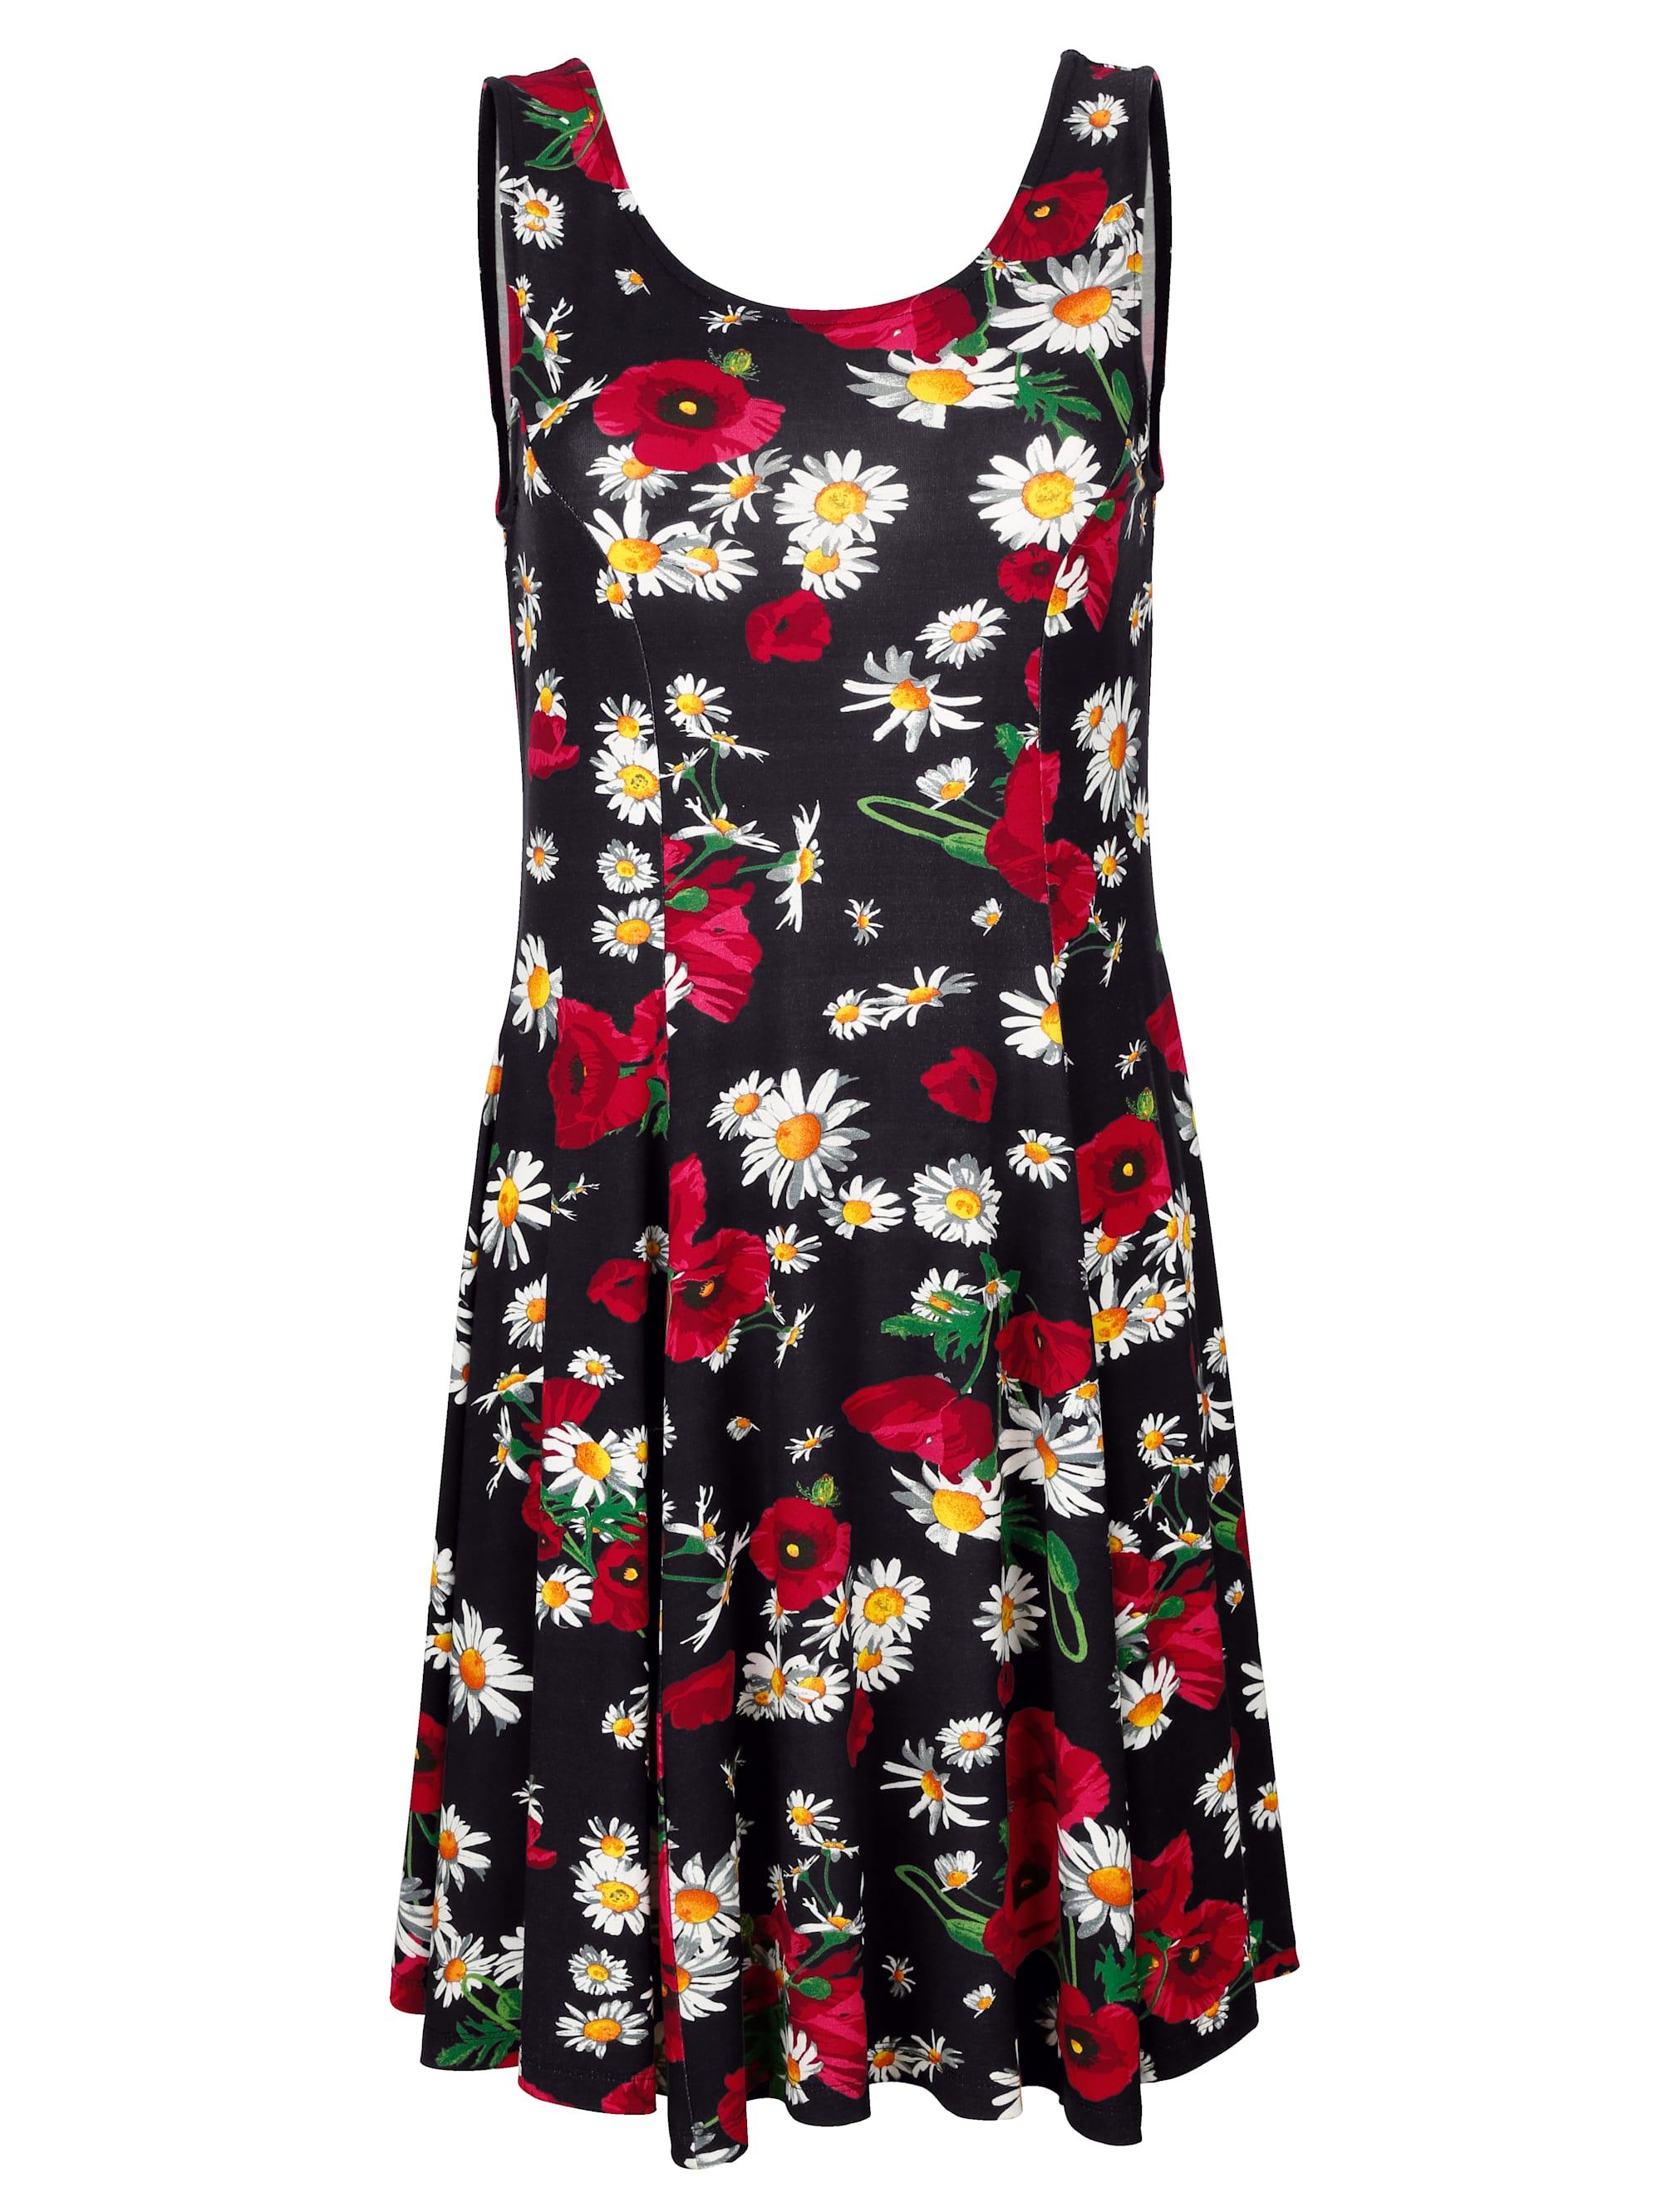 Alba Moda Kleid mit schwingendem Rockteil Ddx6G zvSKR